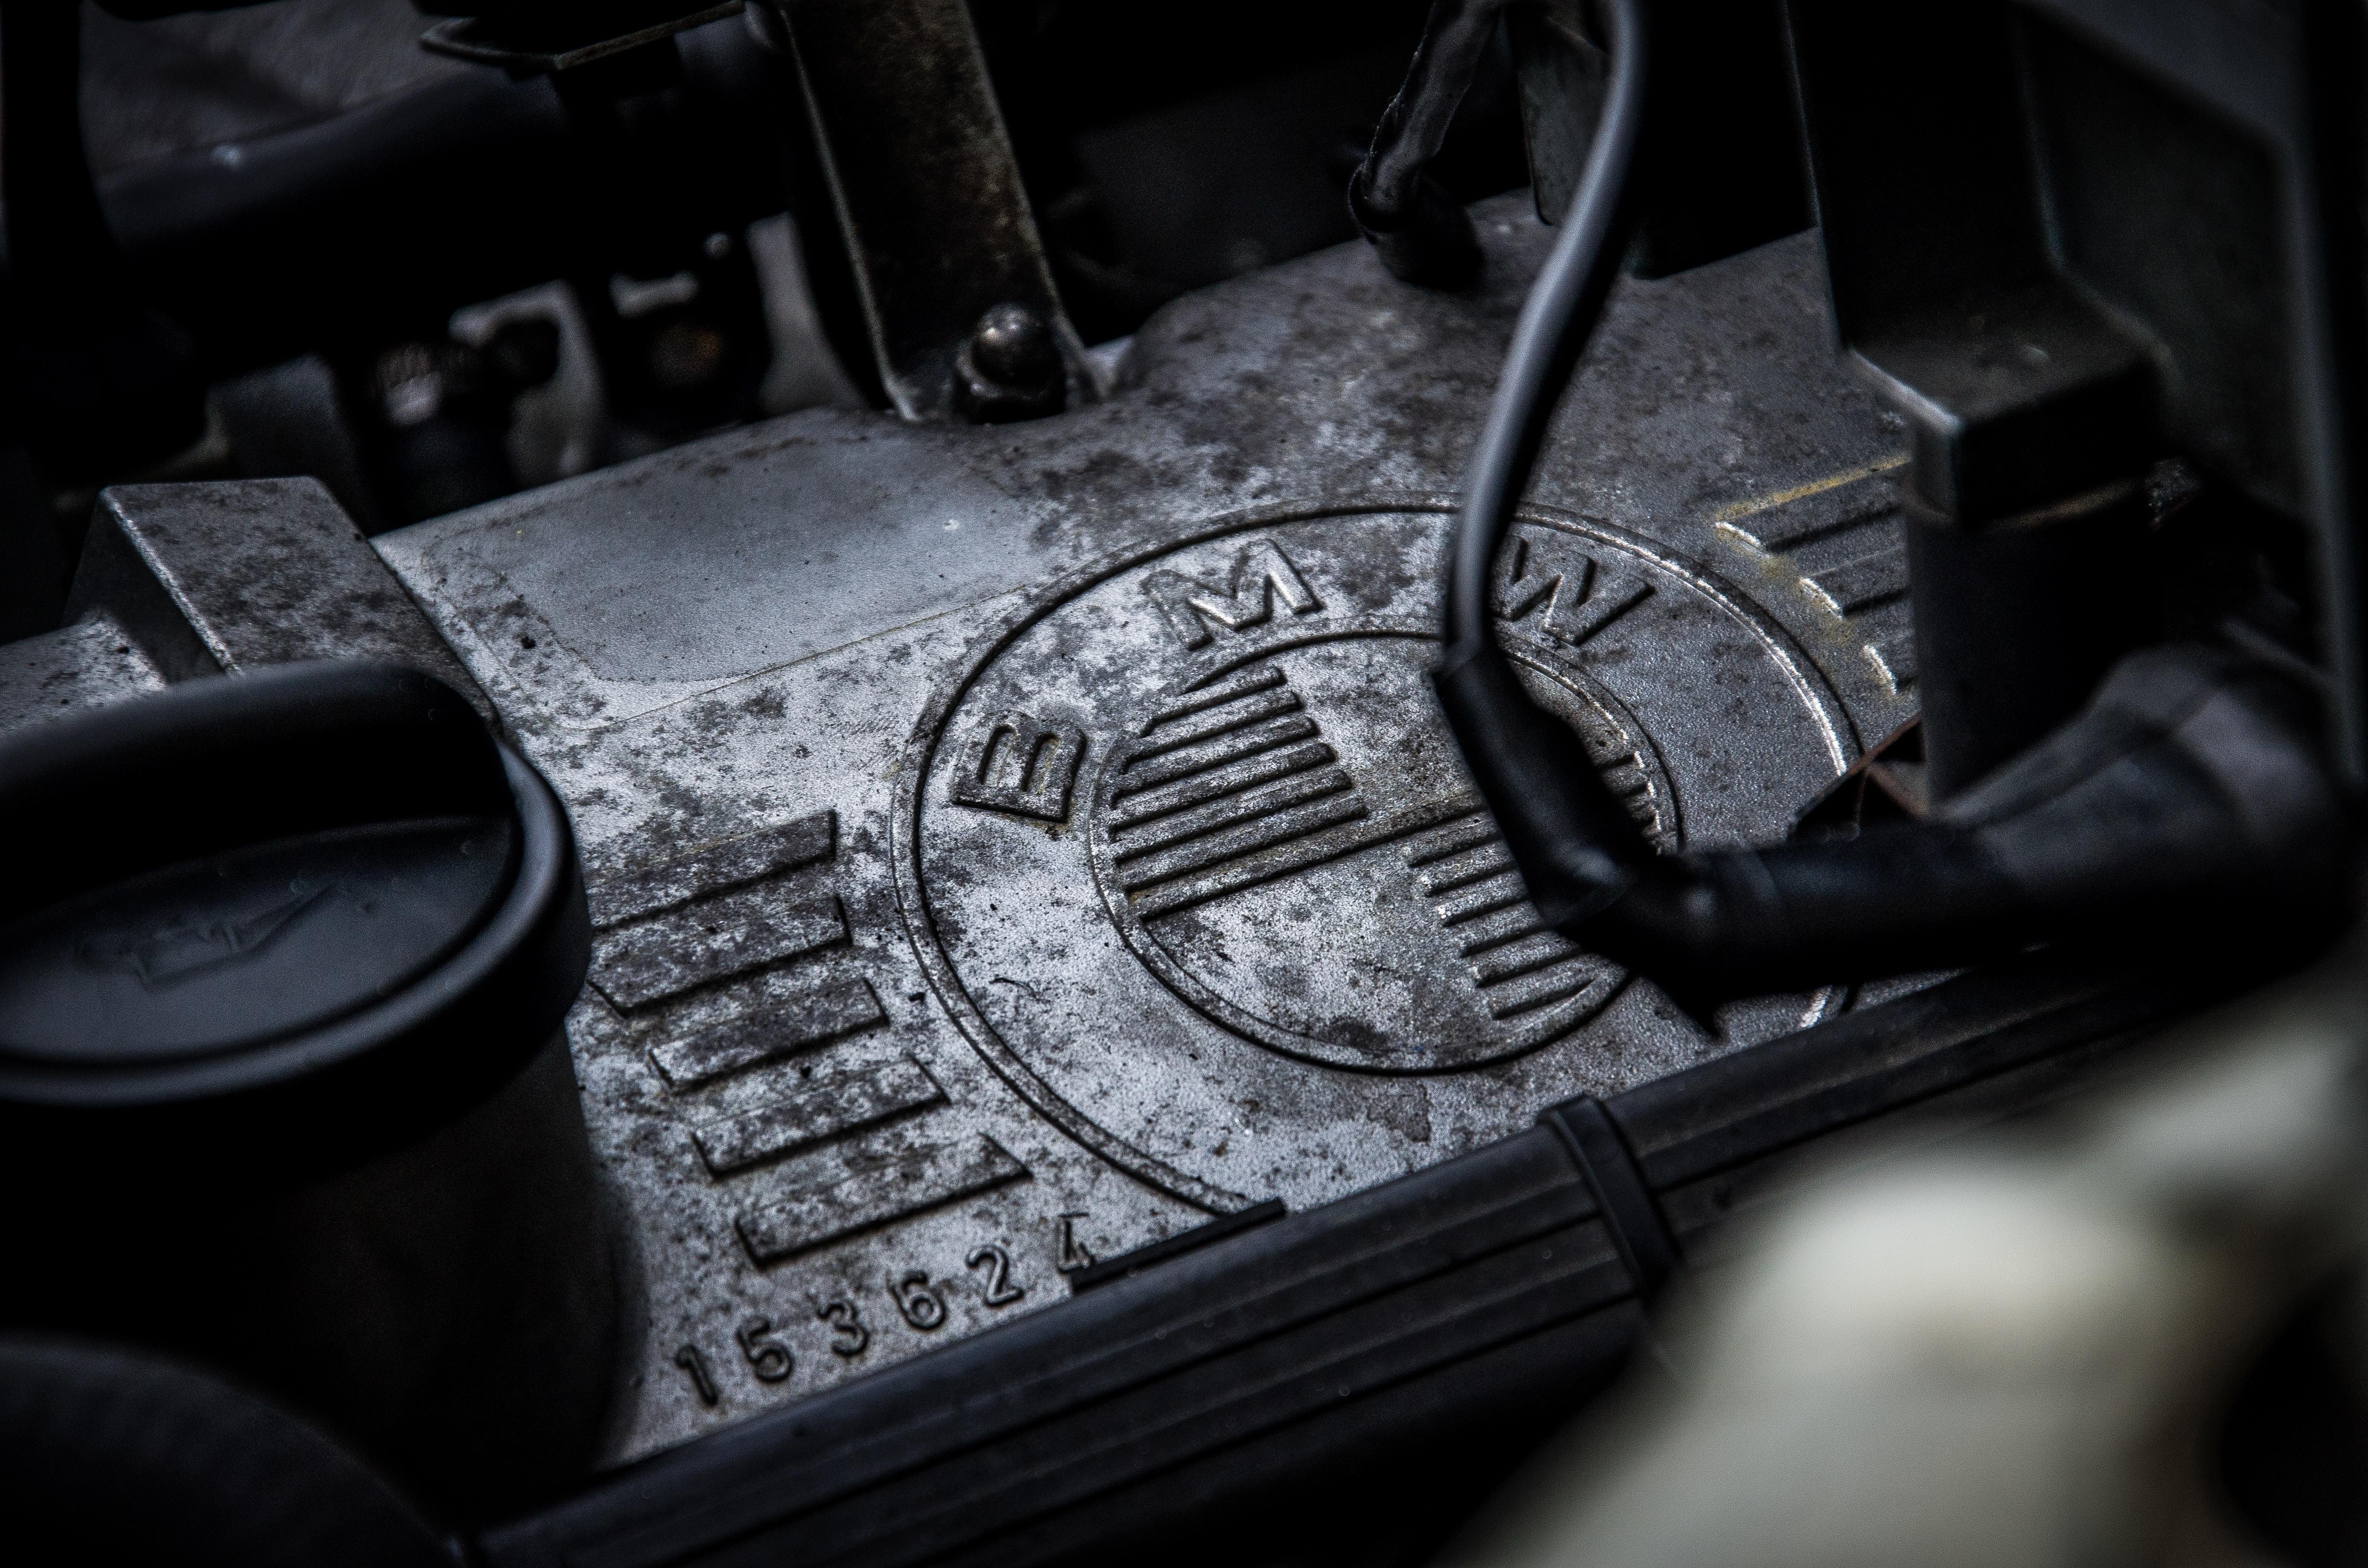 closeup of black BMW engine